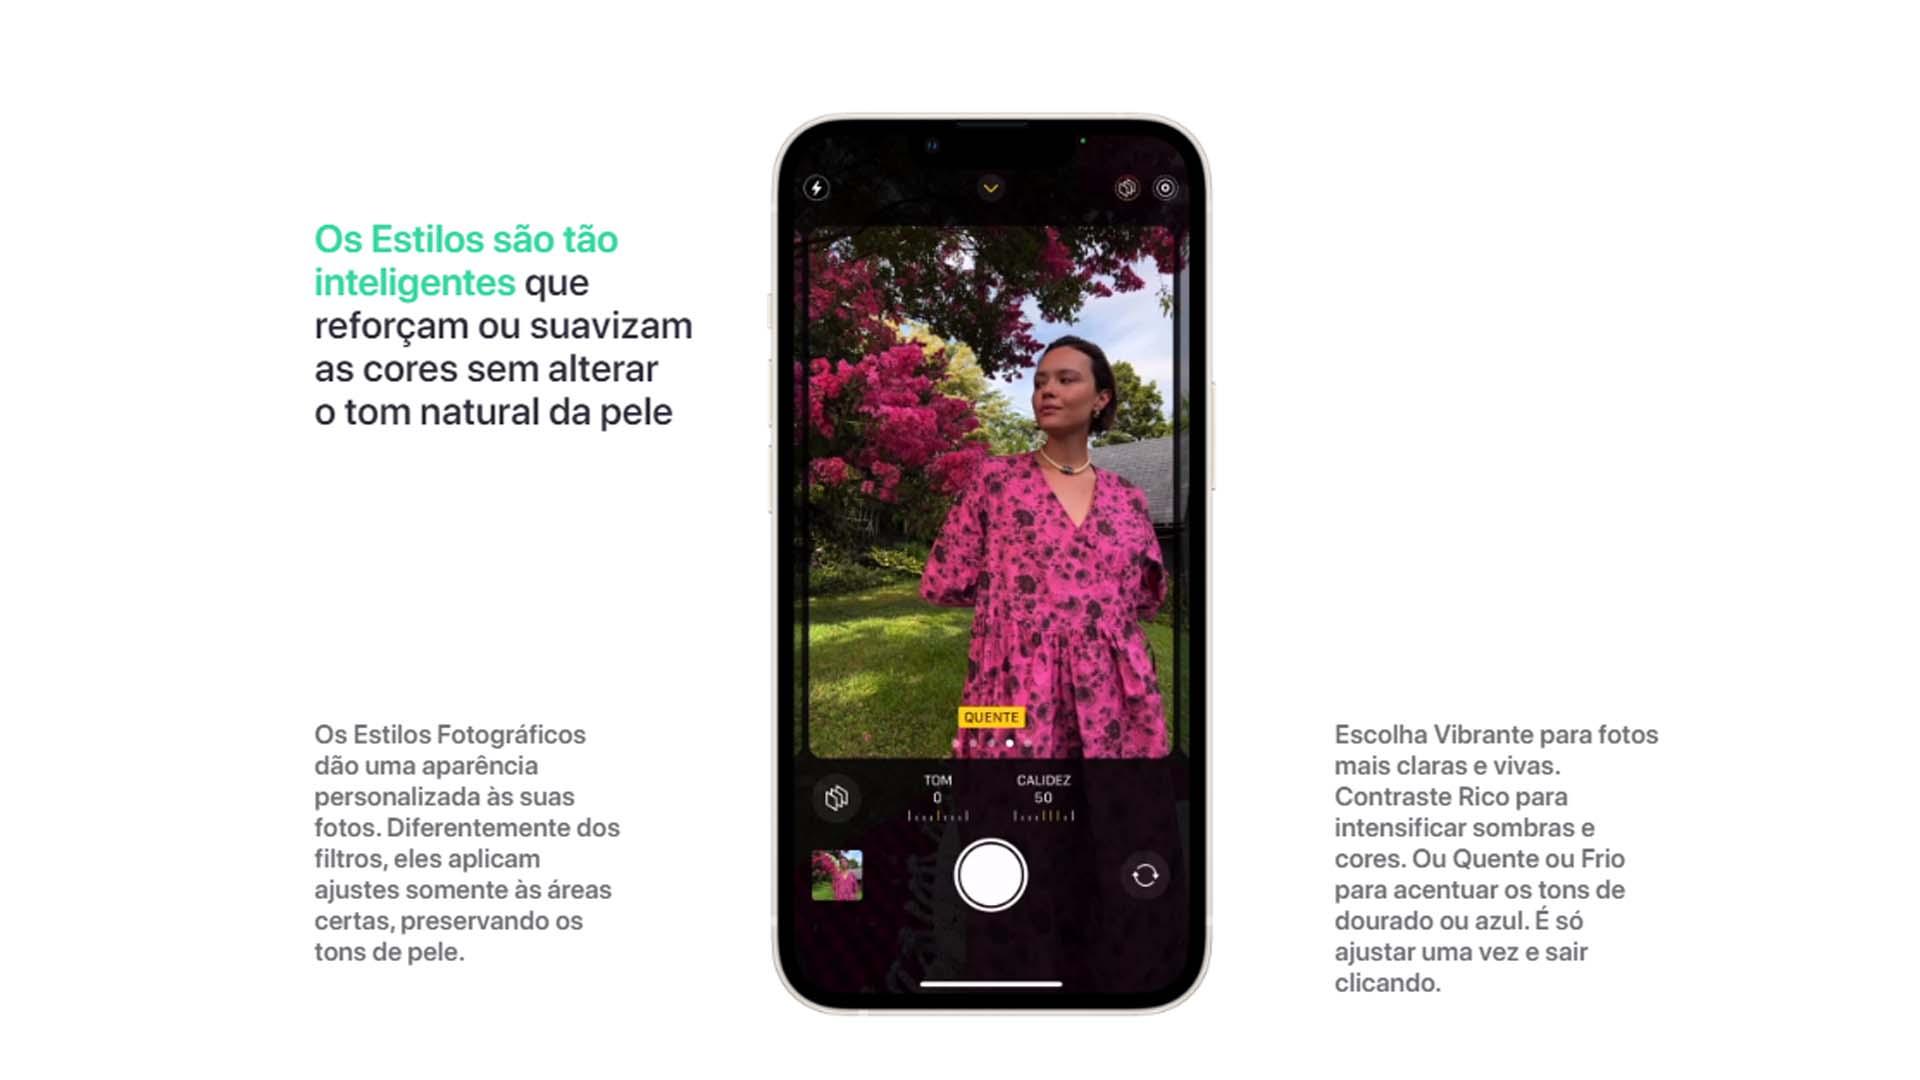 Imagem para mostrar detalhes do Modo Estilos no iPhone 13